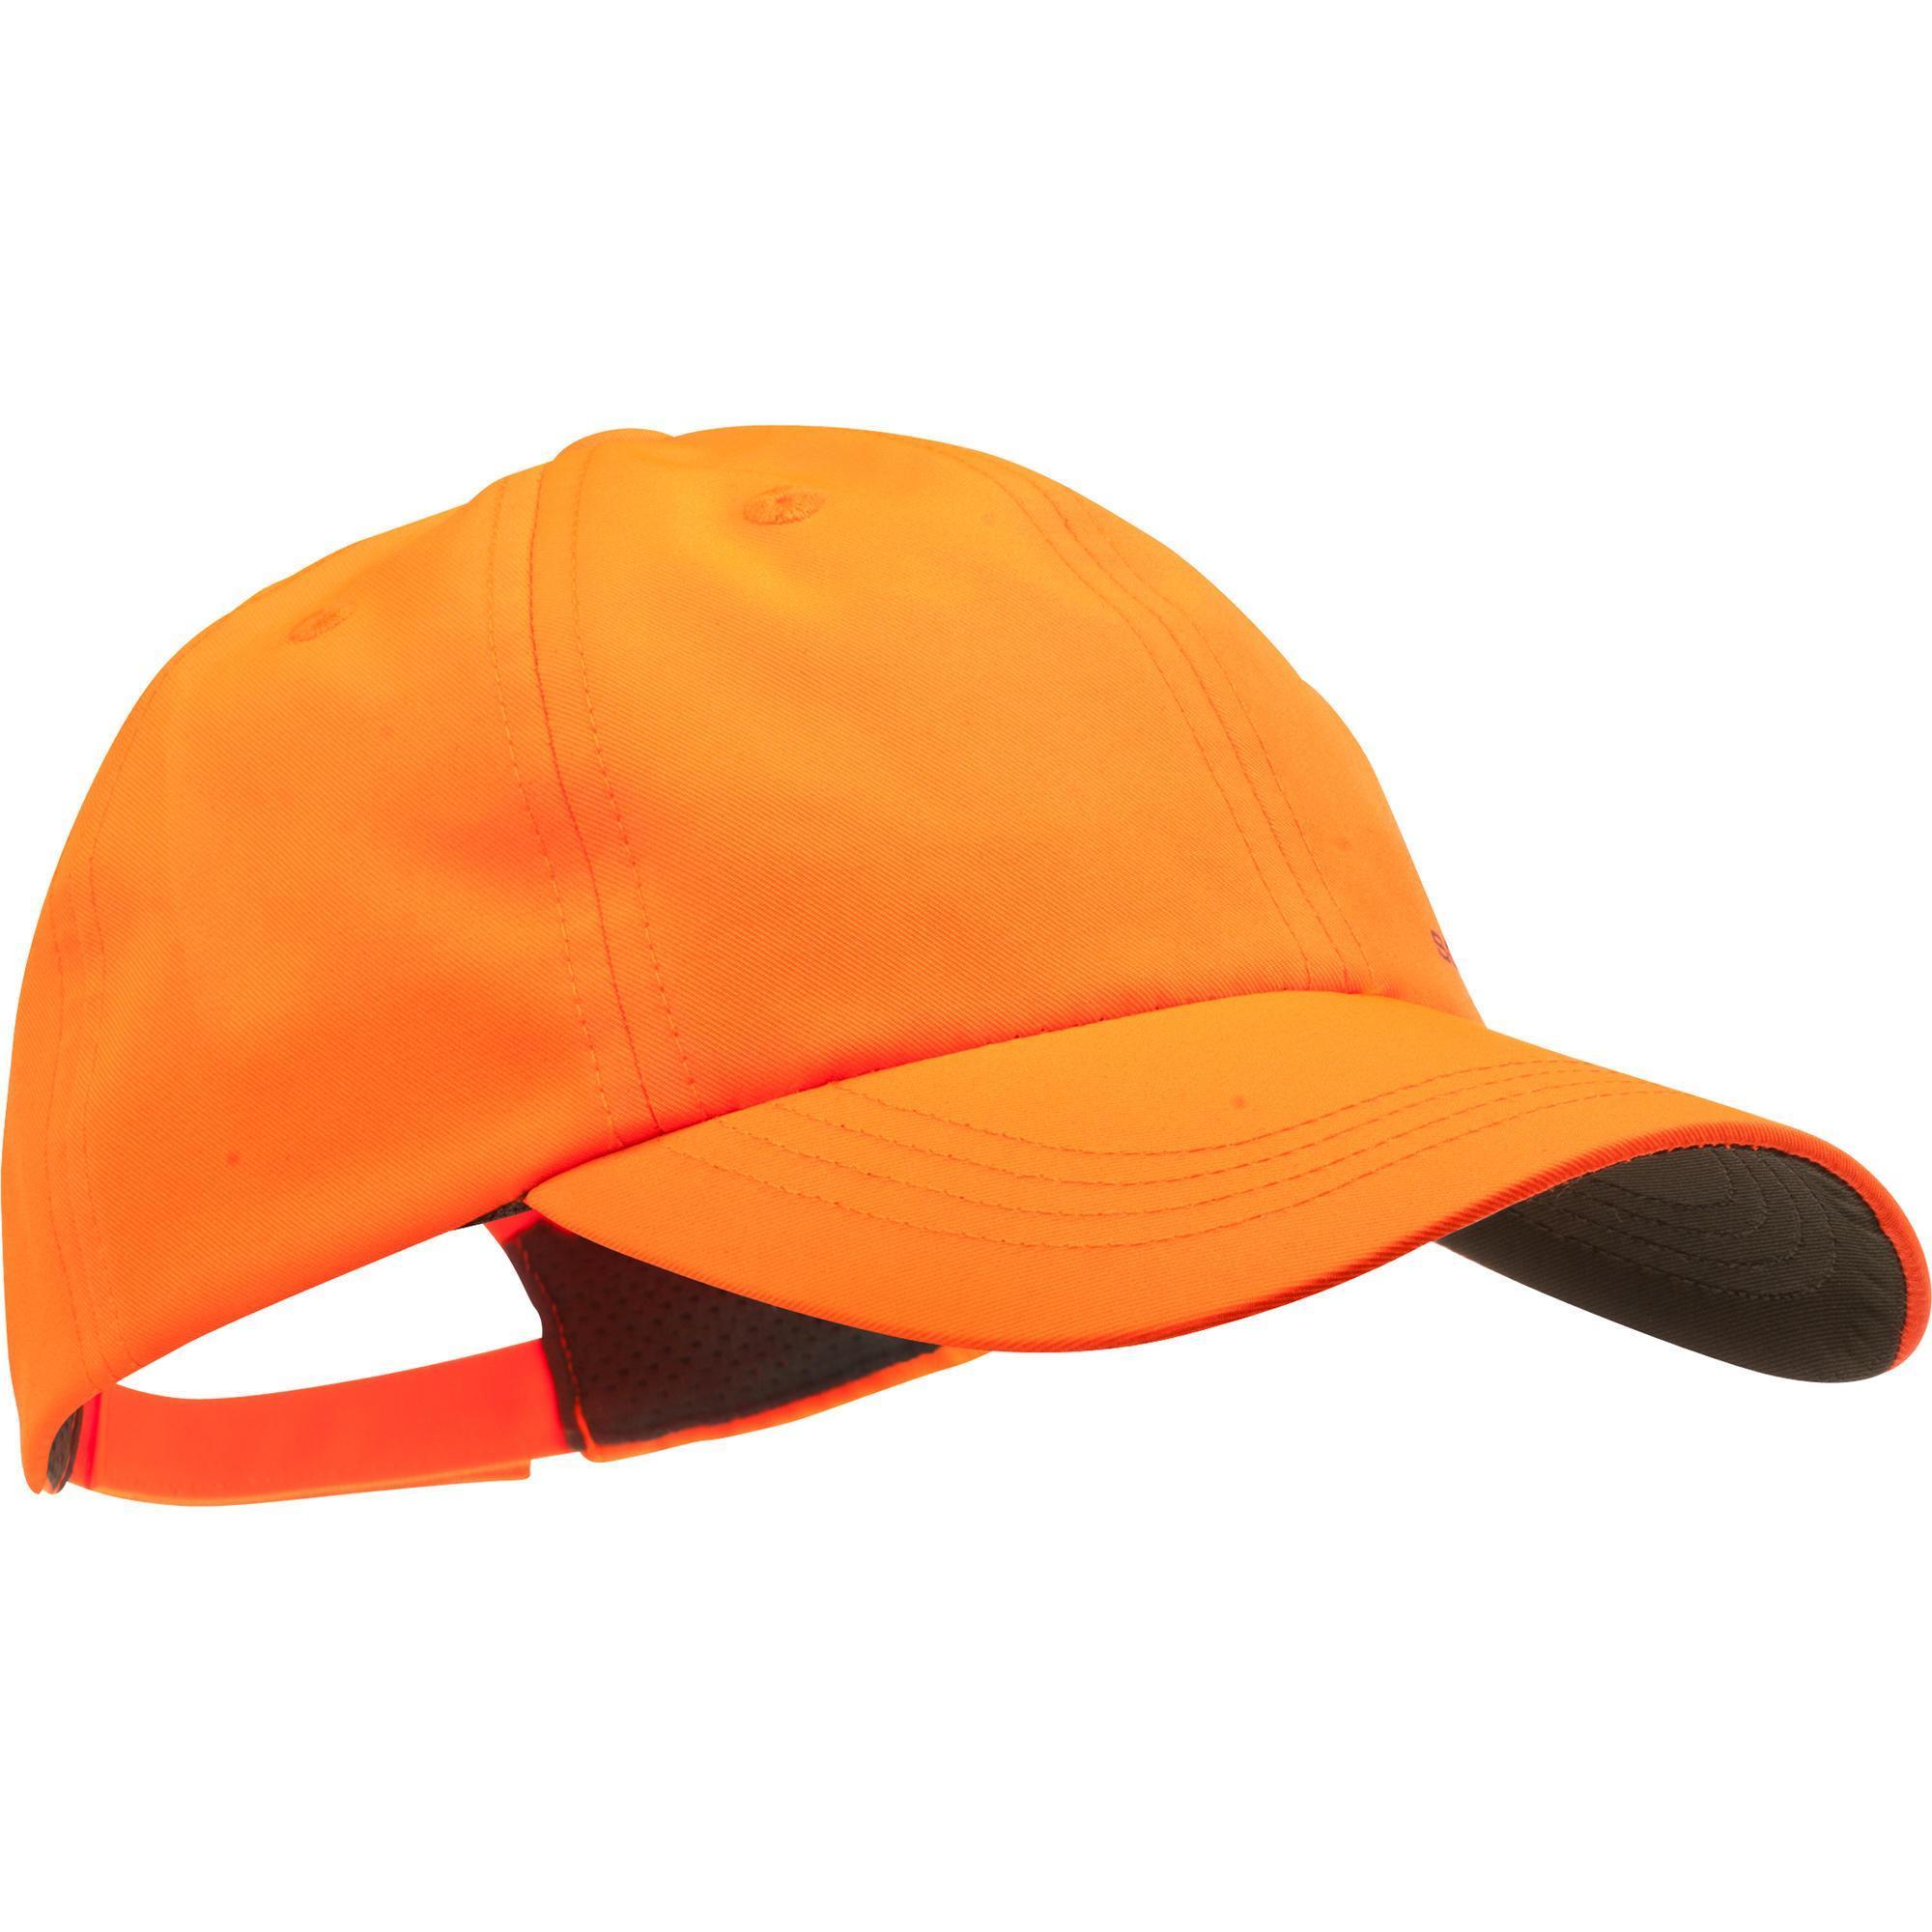 SOLOGNAC Cappellino arancione caccia 100 bambino